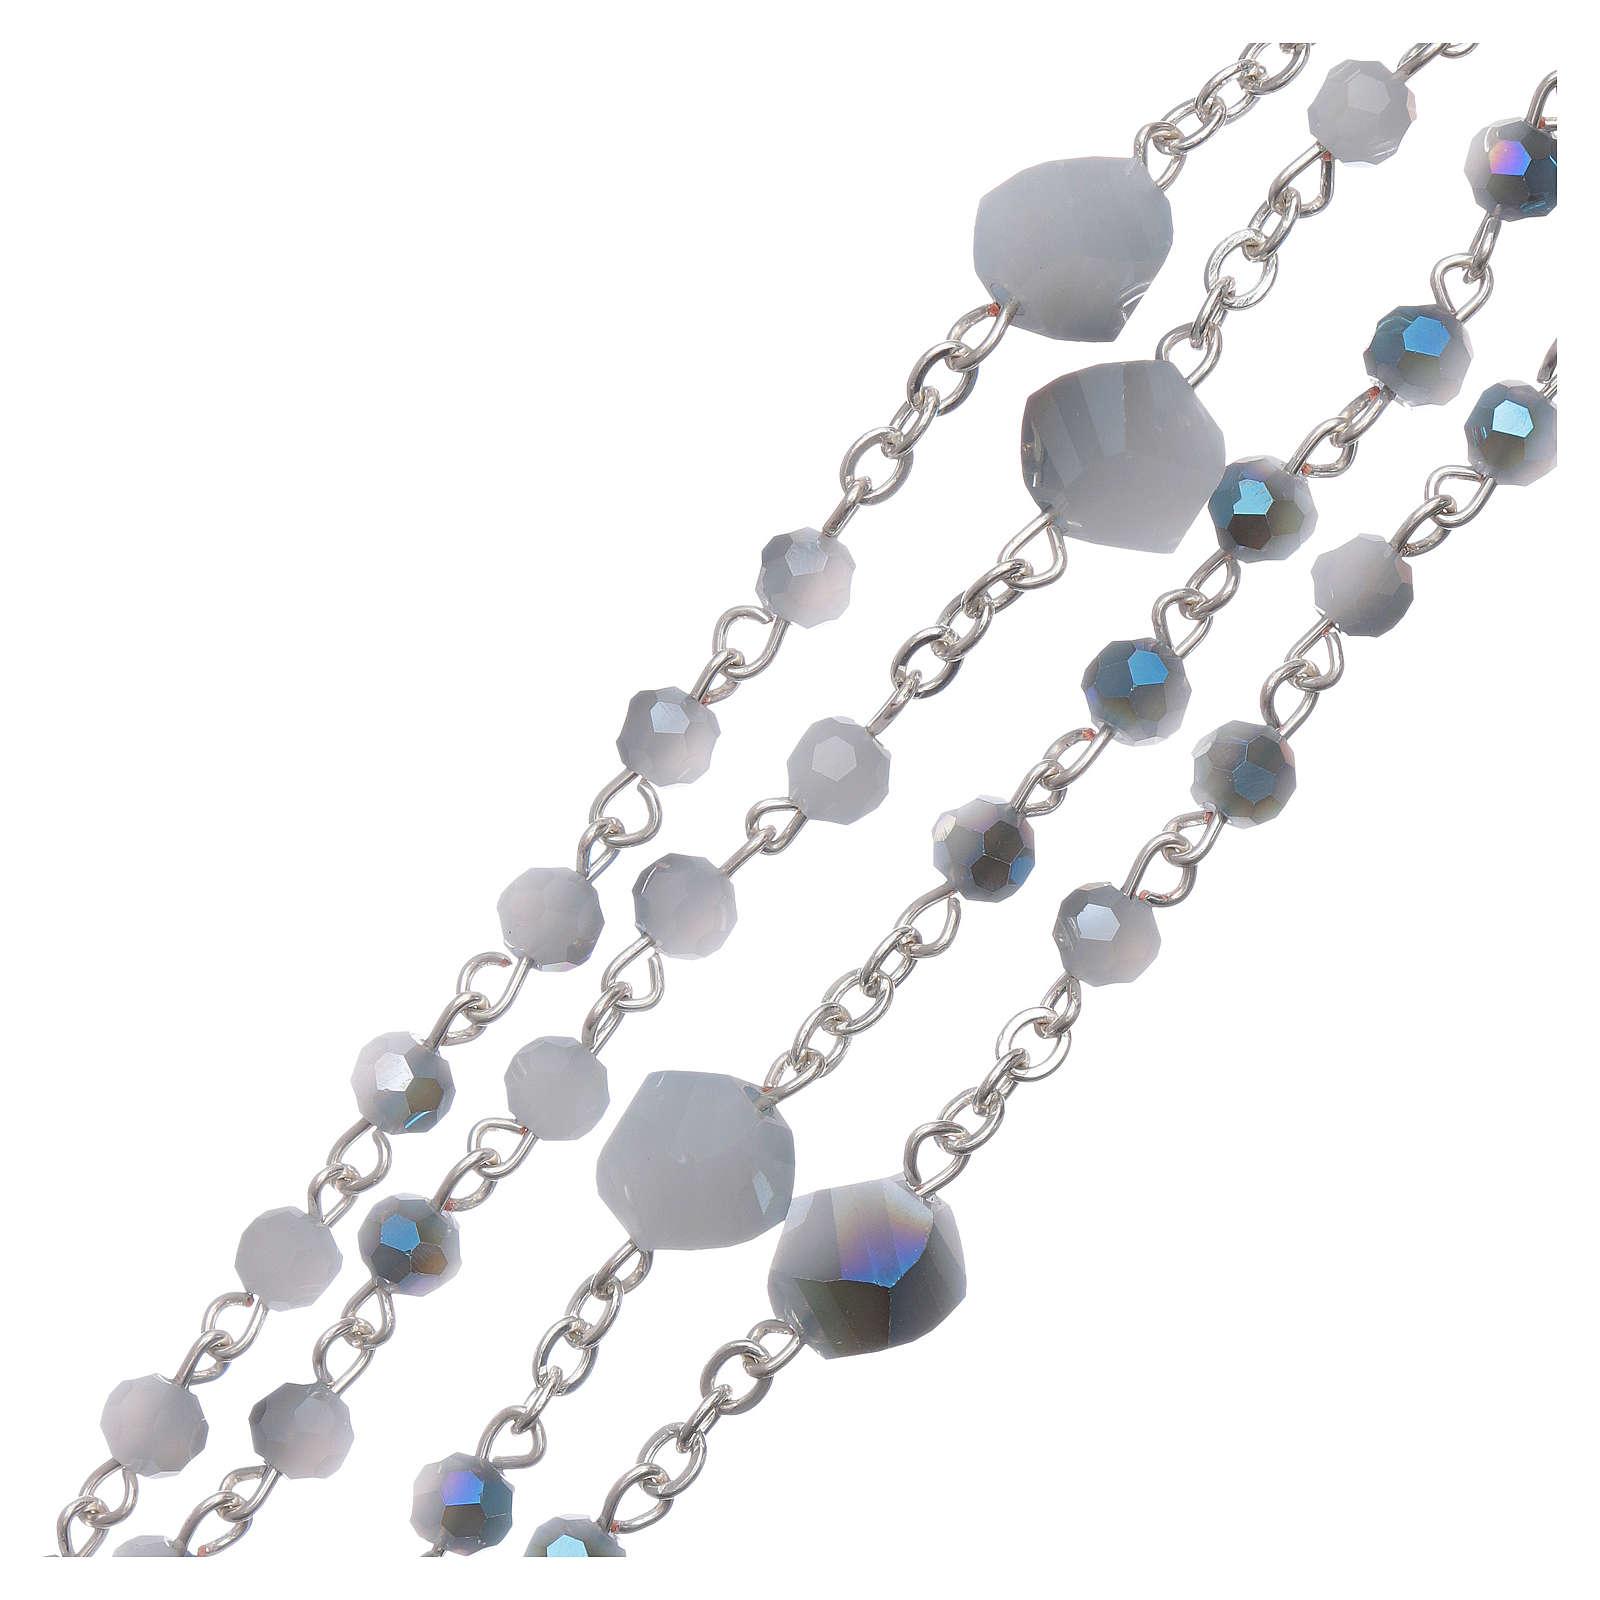 Chapelet collier Medjugorje cristal blanc bleu 4 mm 4